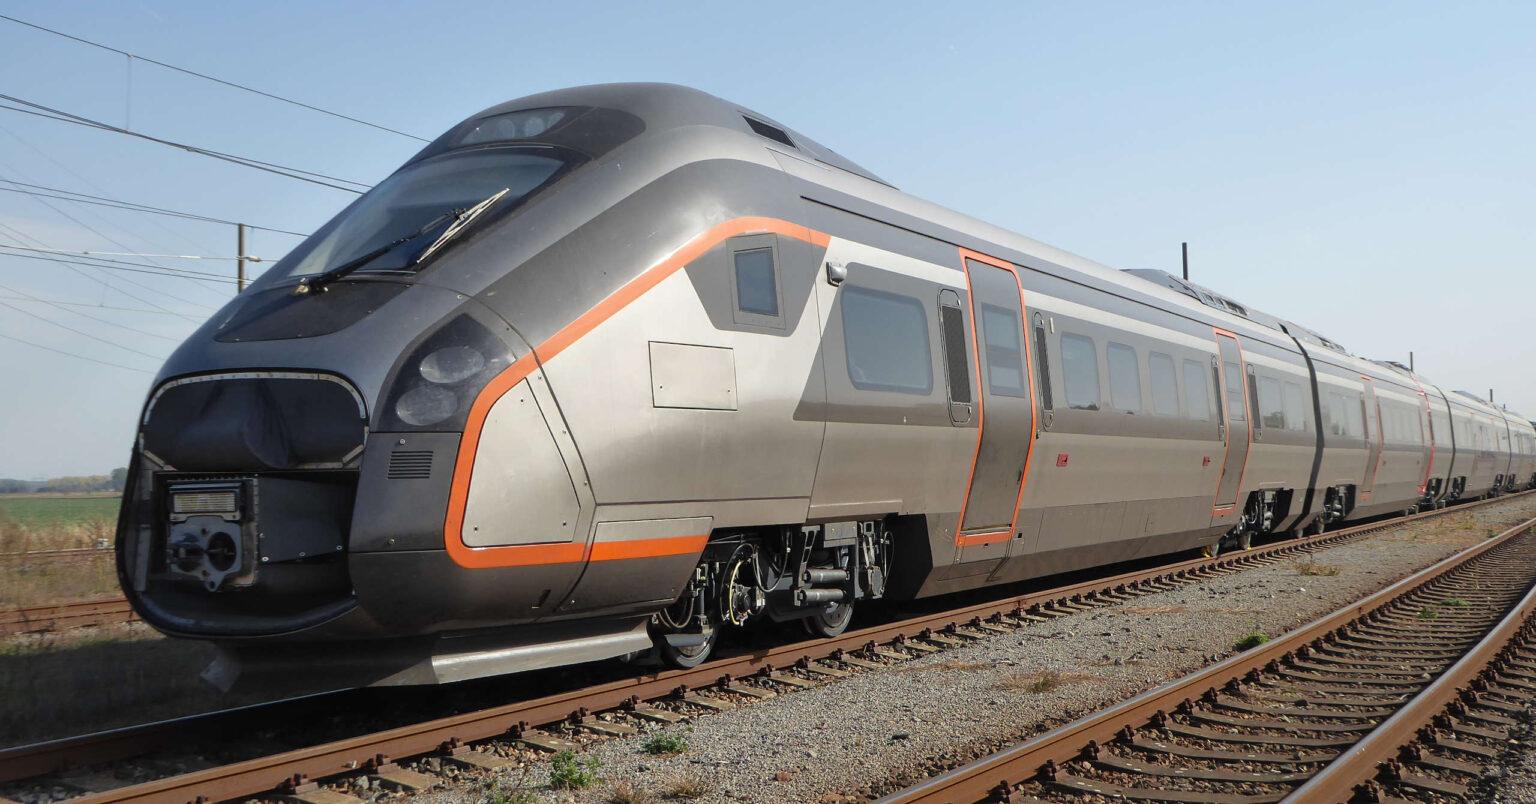 Uno de los trenes Oaris de CAF comprados por Flytoget y retirados del servicio por fisuras en el bastidor.